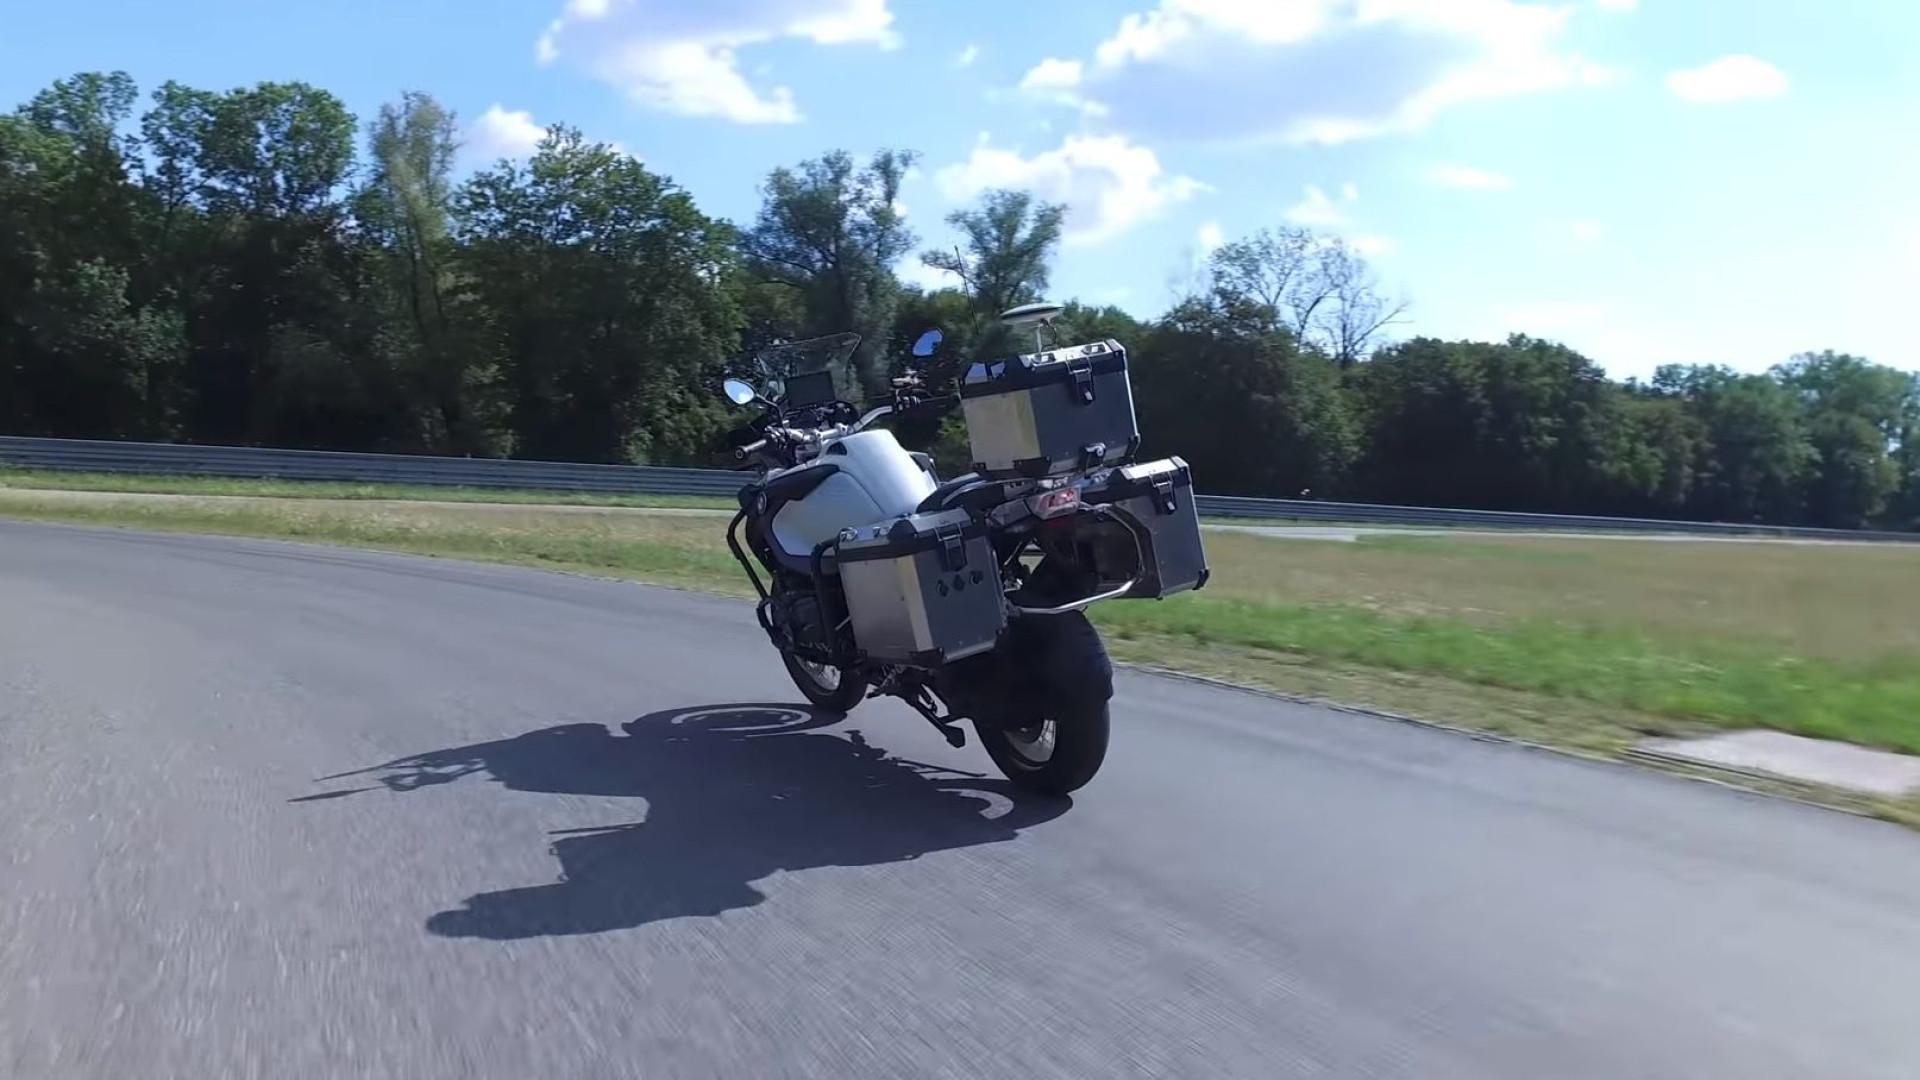 O novo projeto da BMW. Vídeo mostra mota a conduzir sozinha